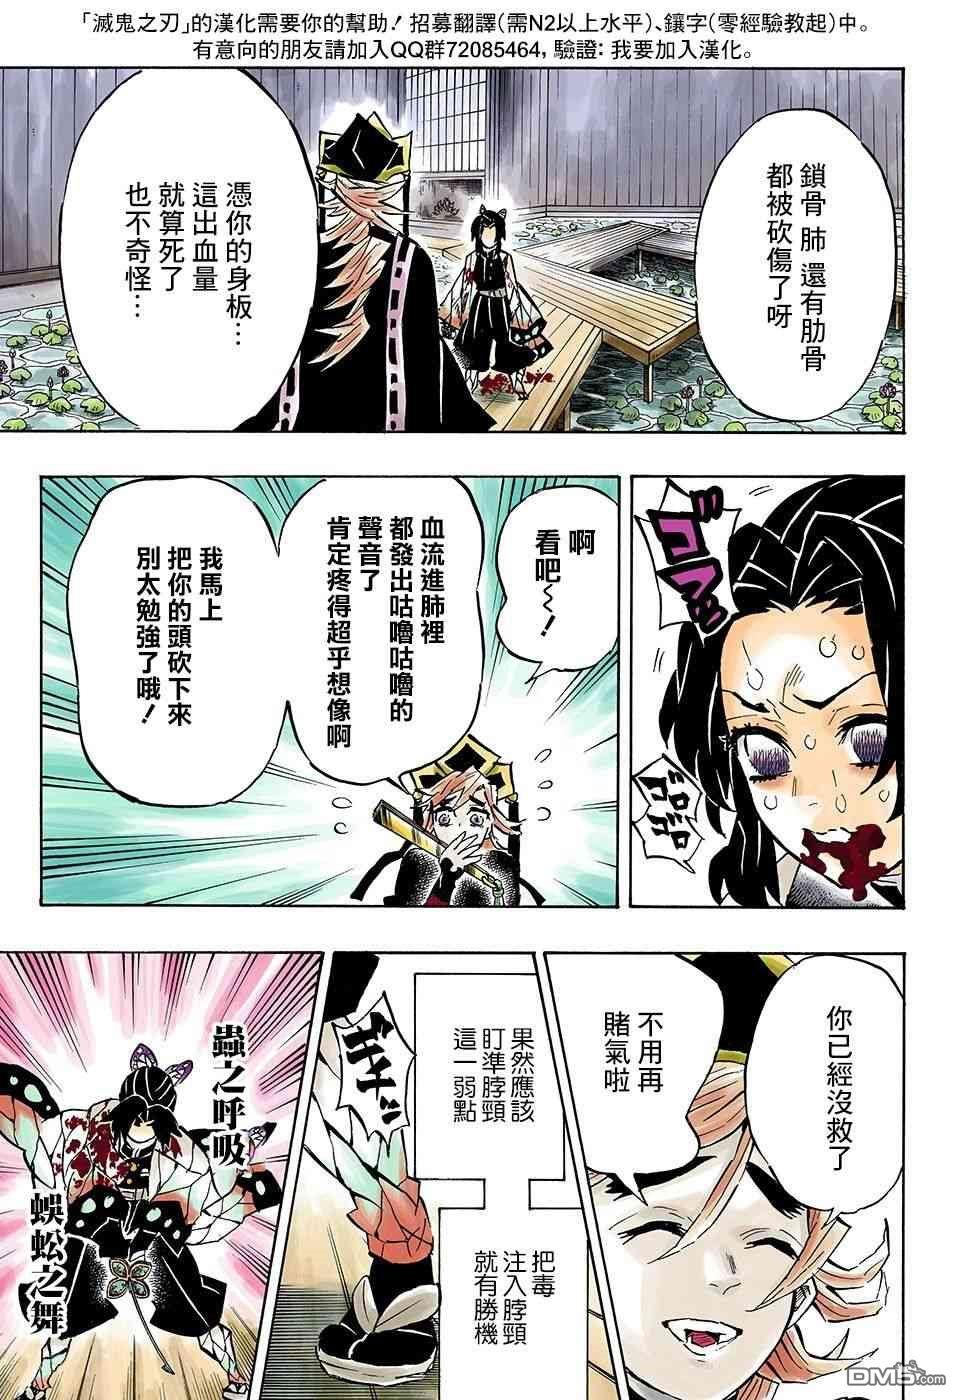 鬼滅之刃漫畫第142話 蟲柱 胡蝶忍(第15頁)劇情-二次元動漫